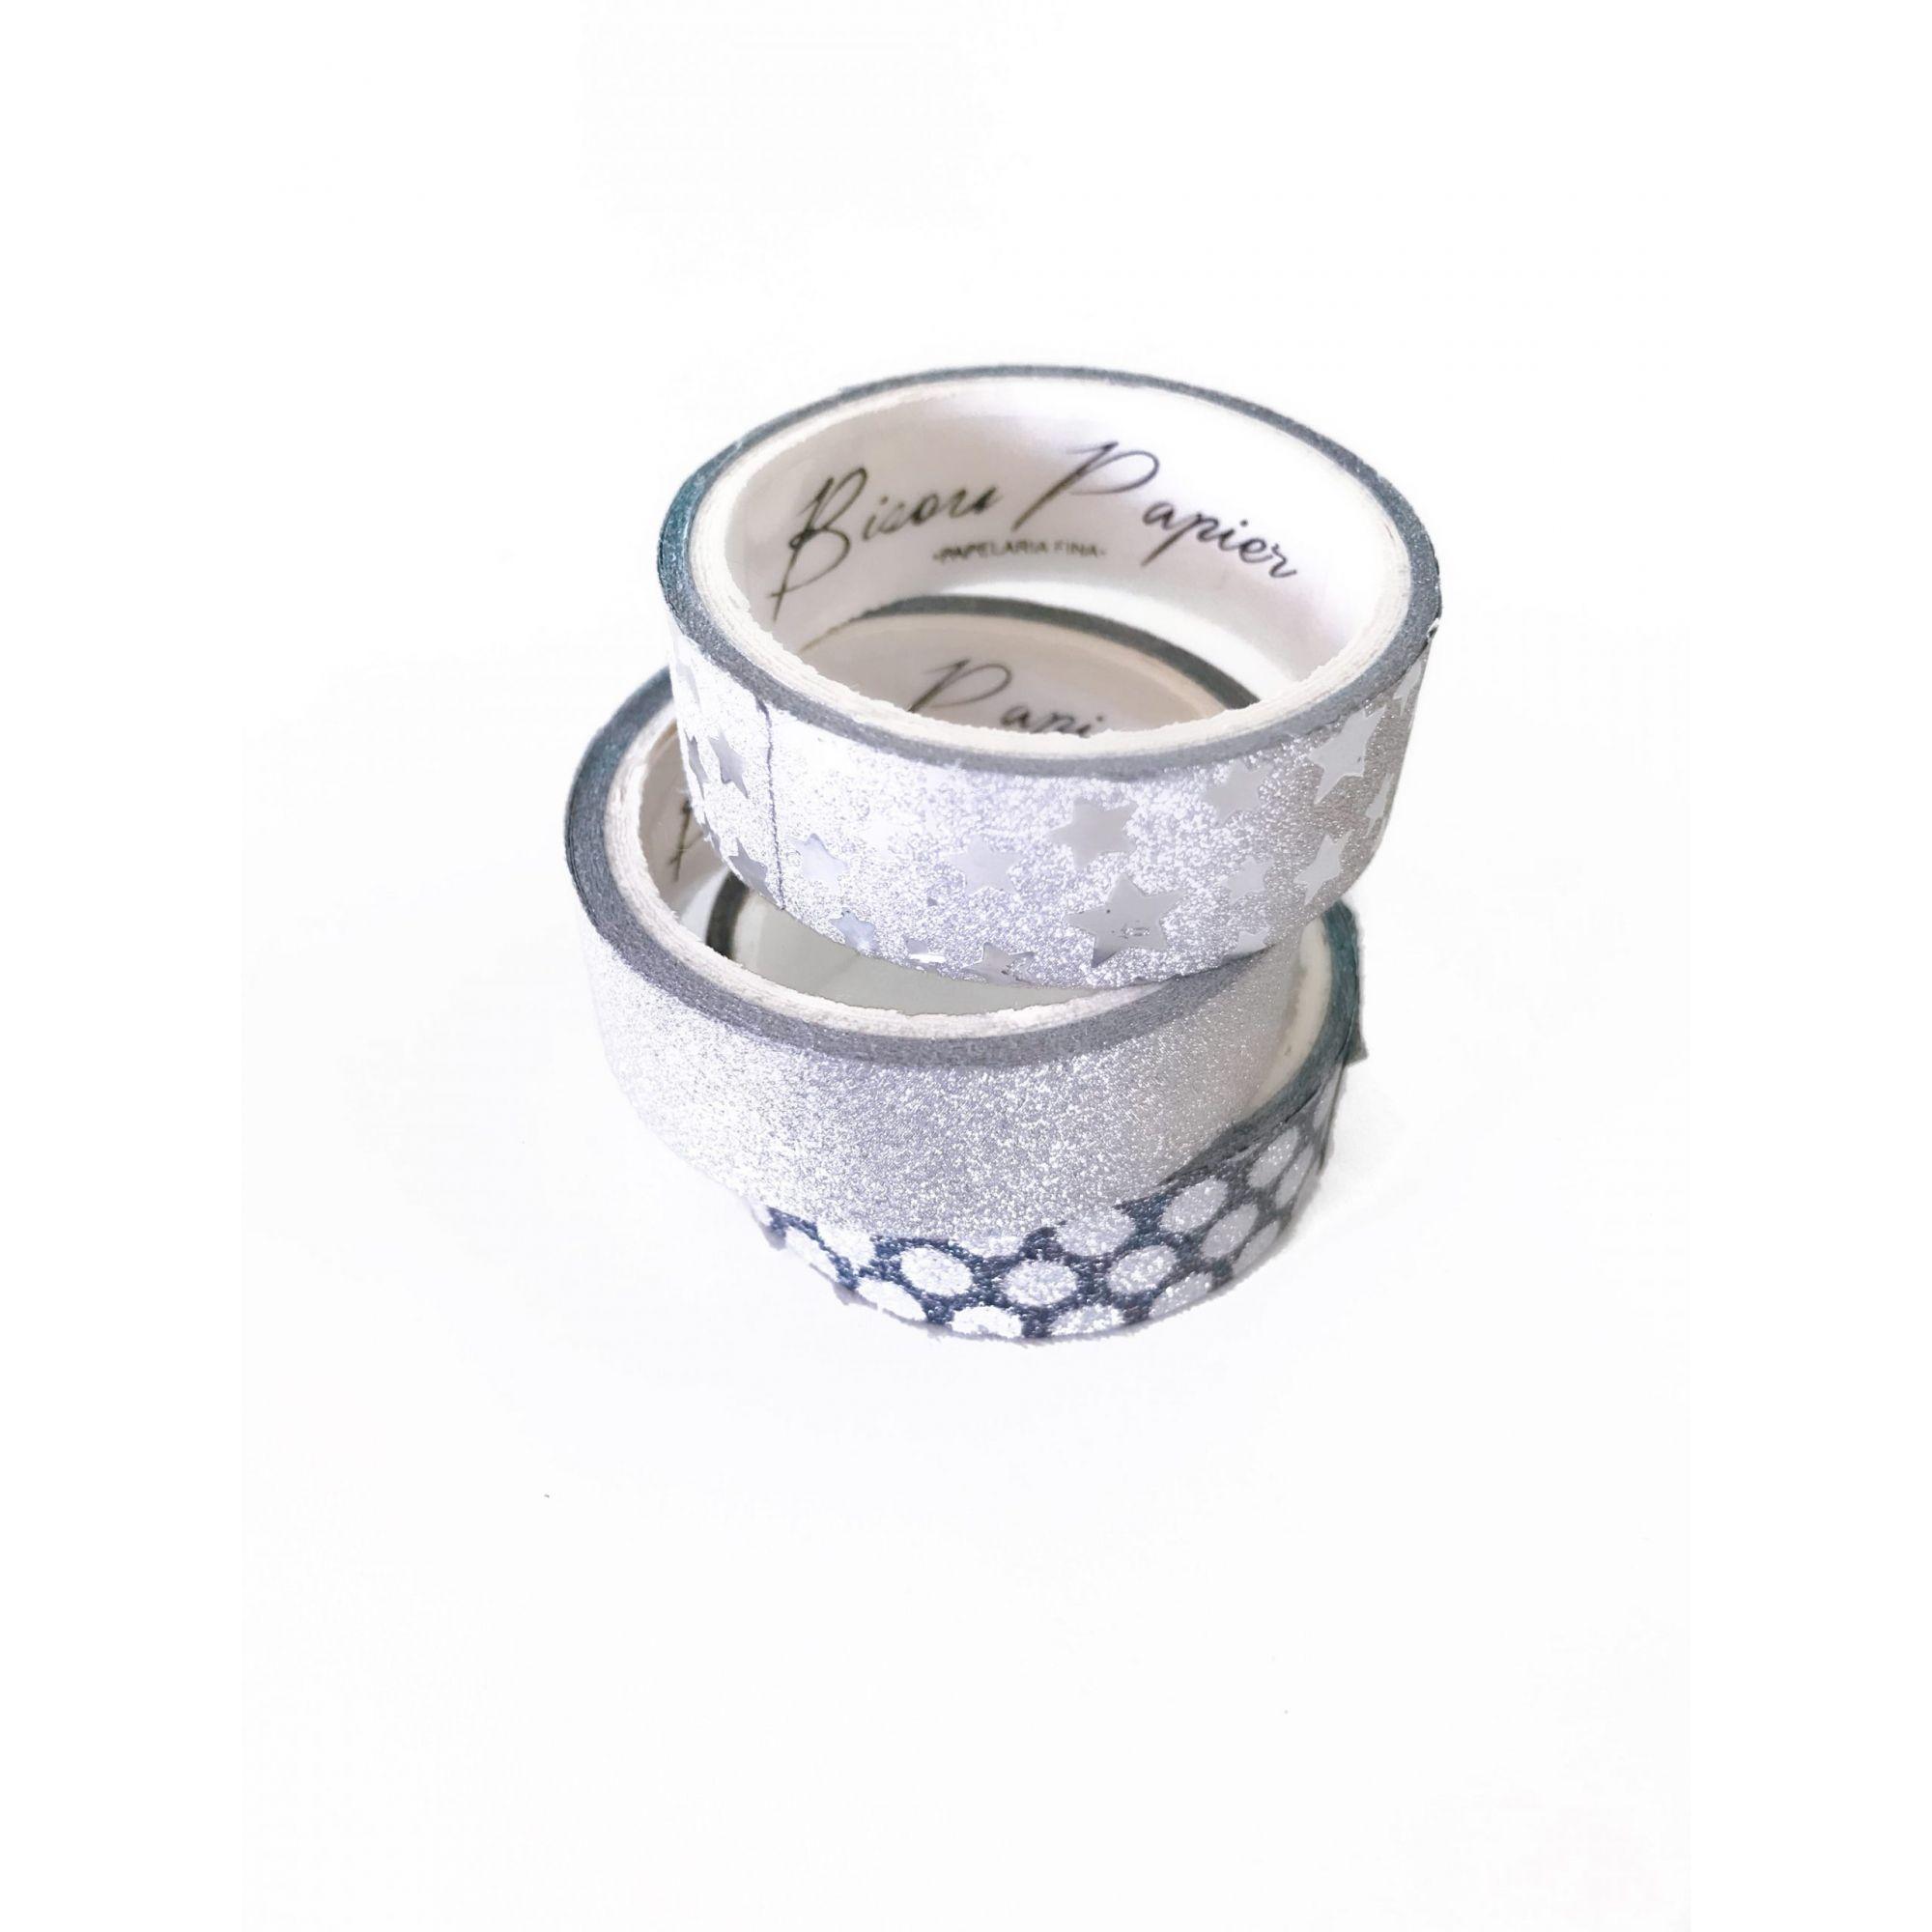 Kit washi tape - silver glitter